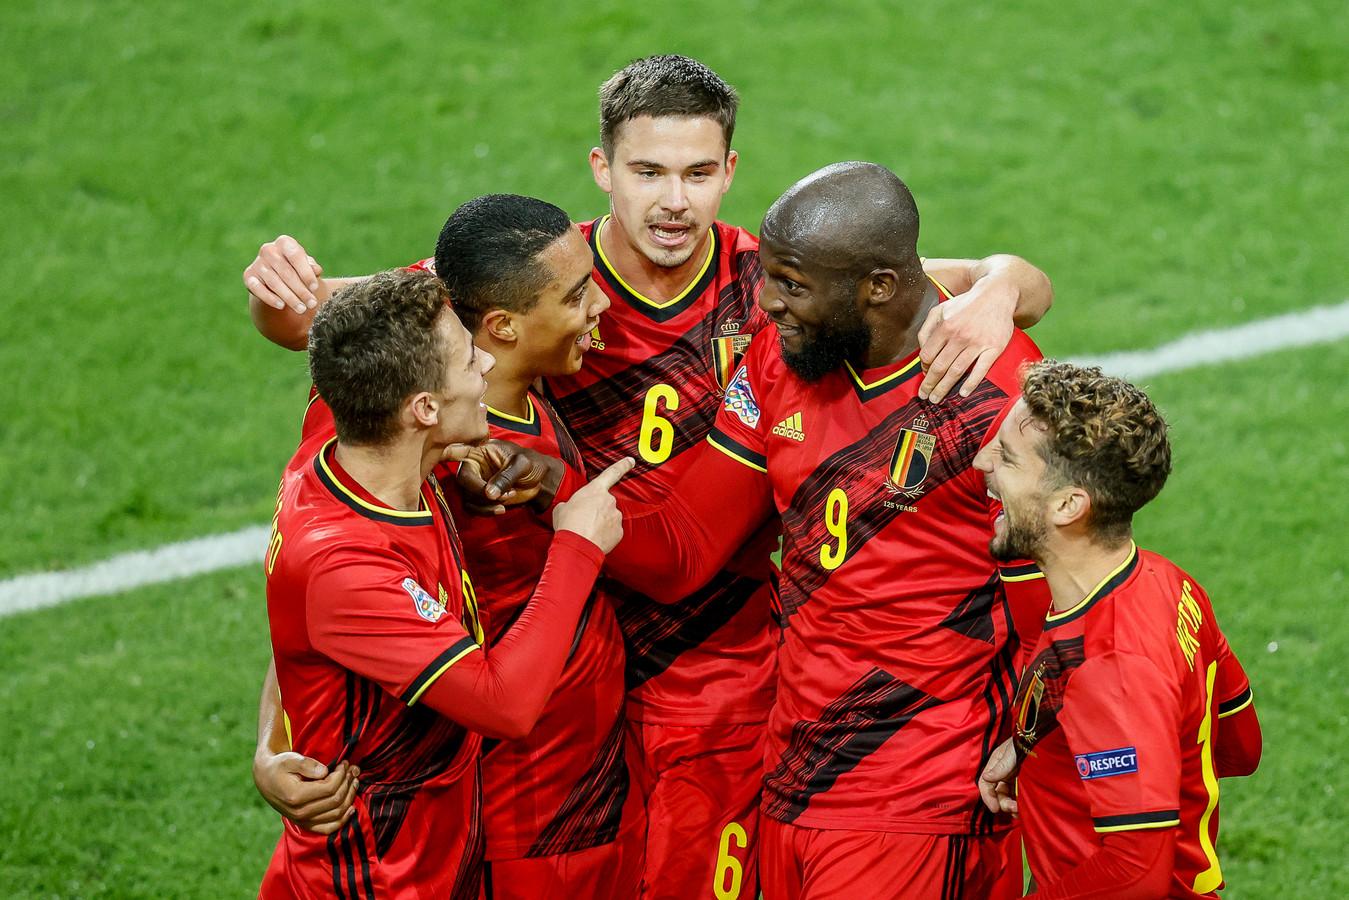 Romelu Lukaku scoorde vijf keer in de groepsfase van de Nations League. België schakelde toen Engeland, Denemarken en IJsland uit.